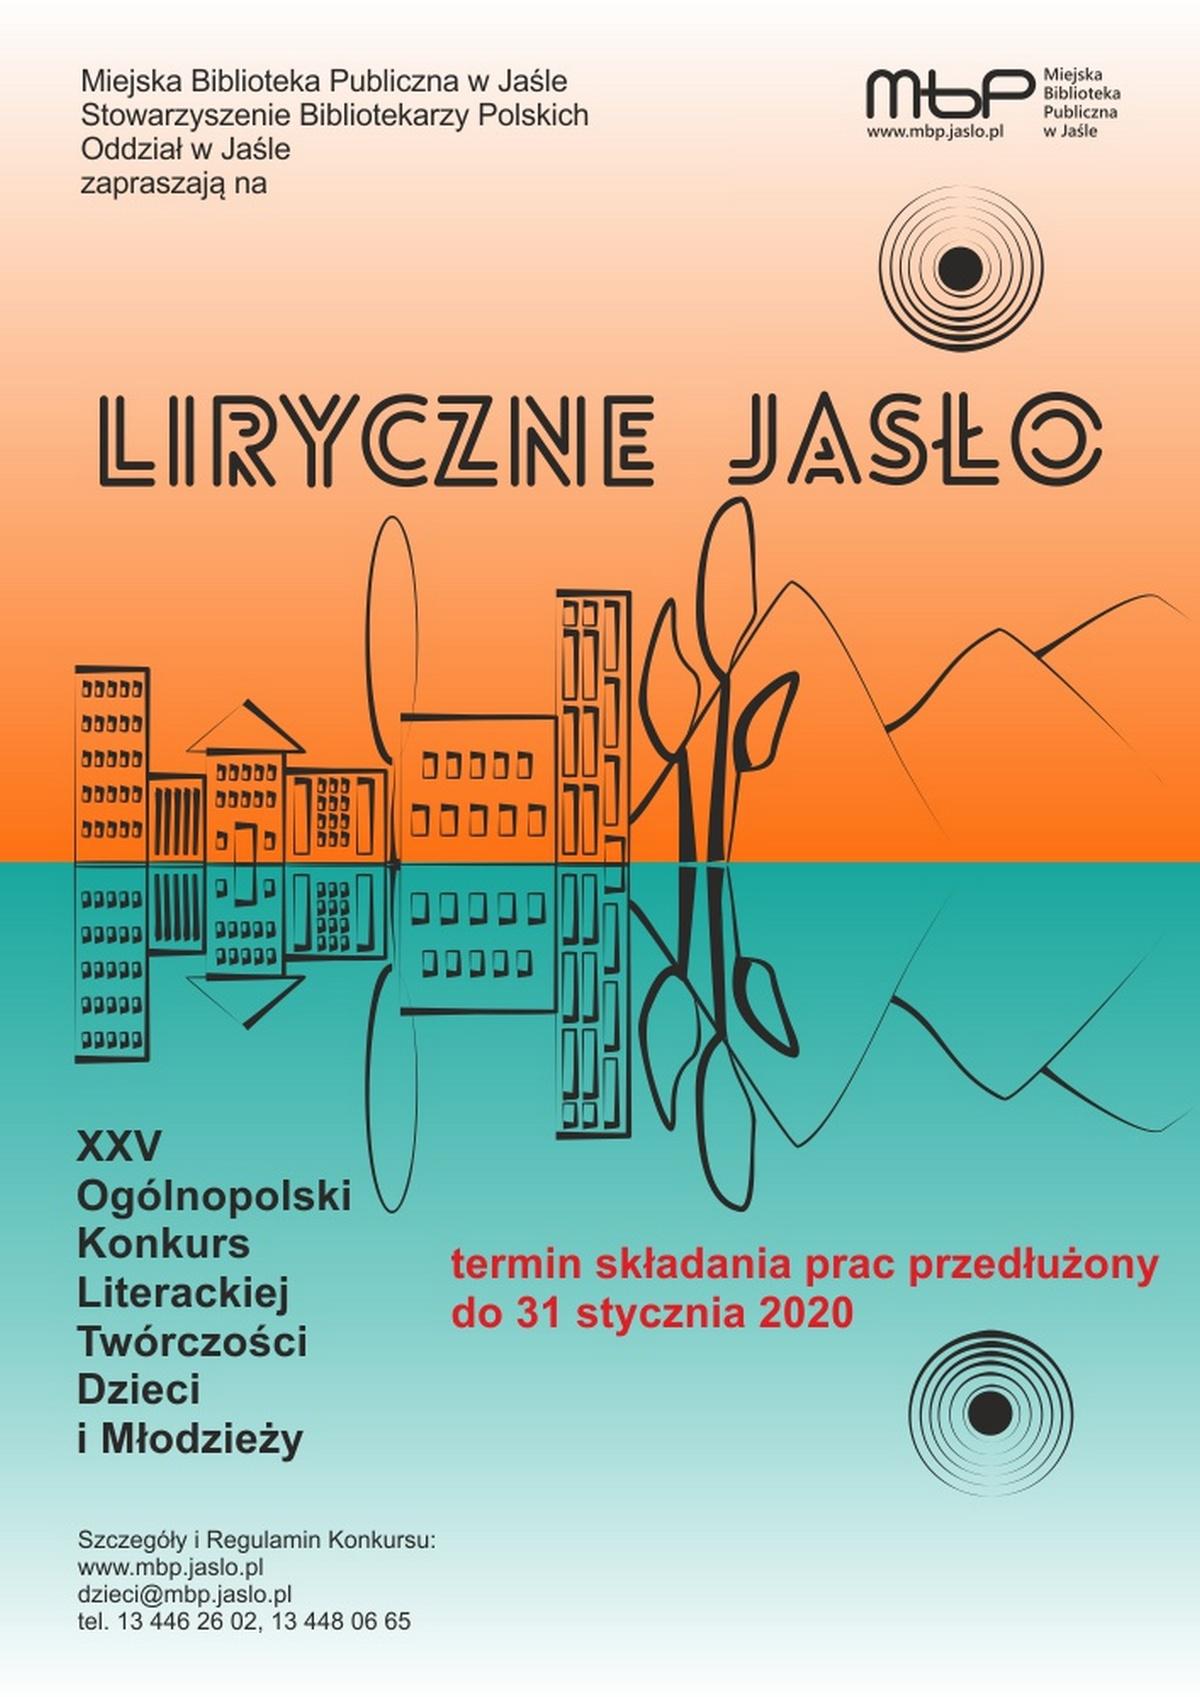 20200131__LJ-mpb